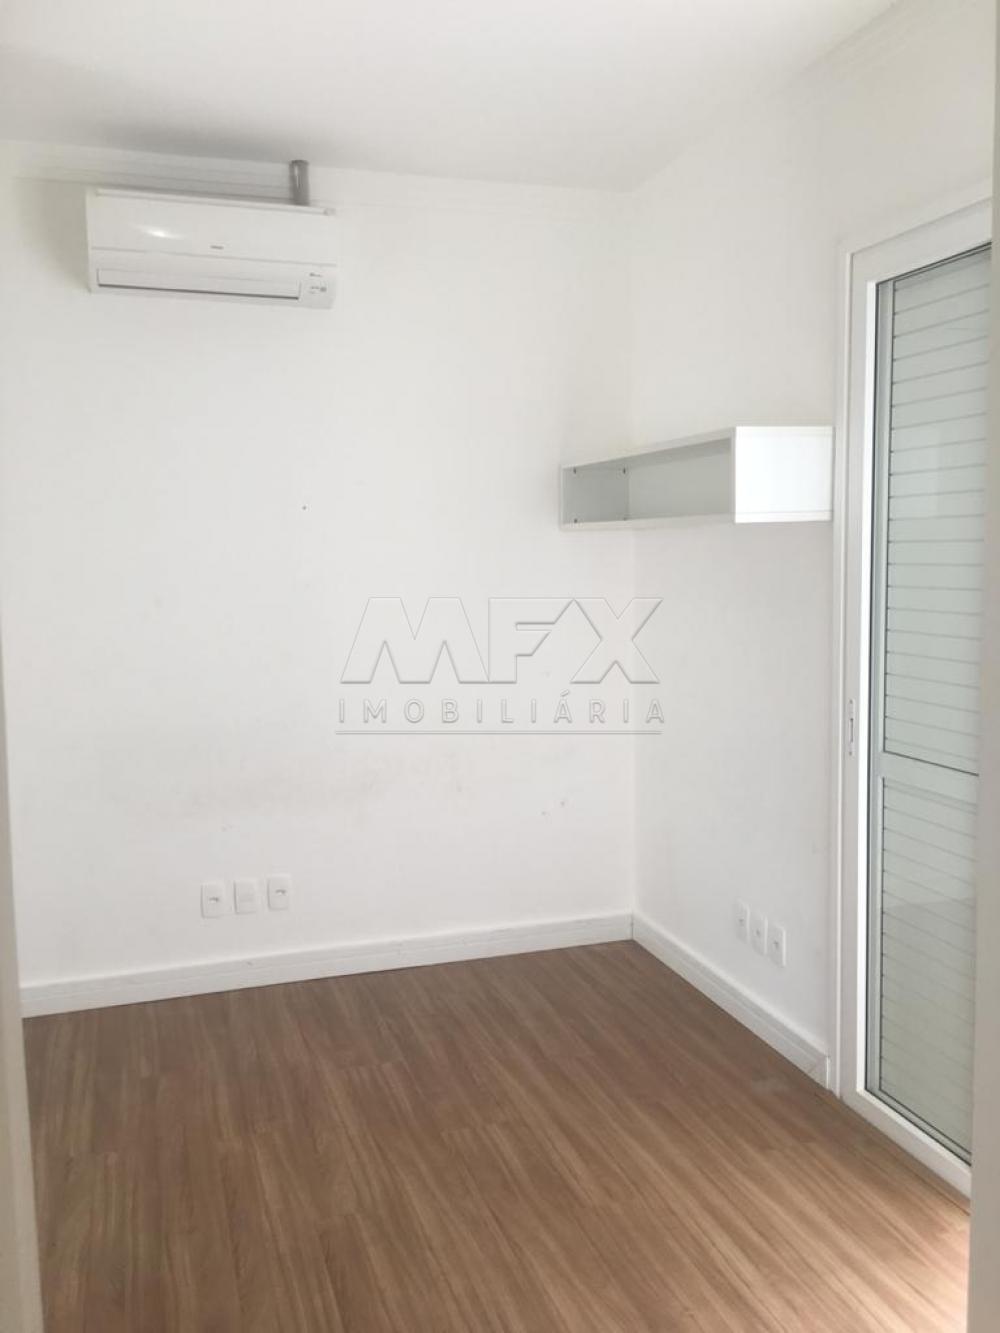 Comprar Casa / Condomínio em Piratininga apenas R$ 850.000,00 - Foto 6